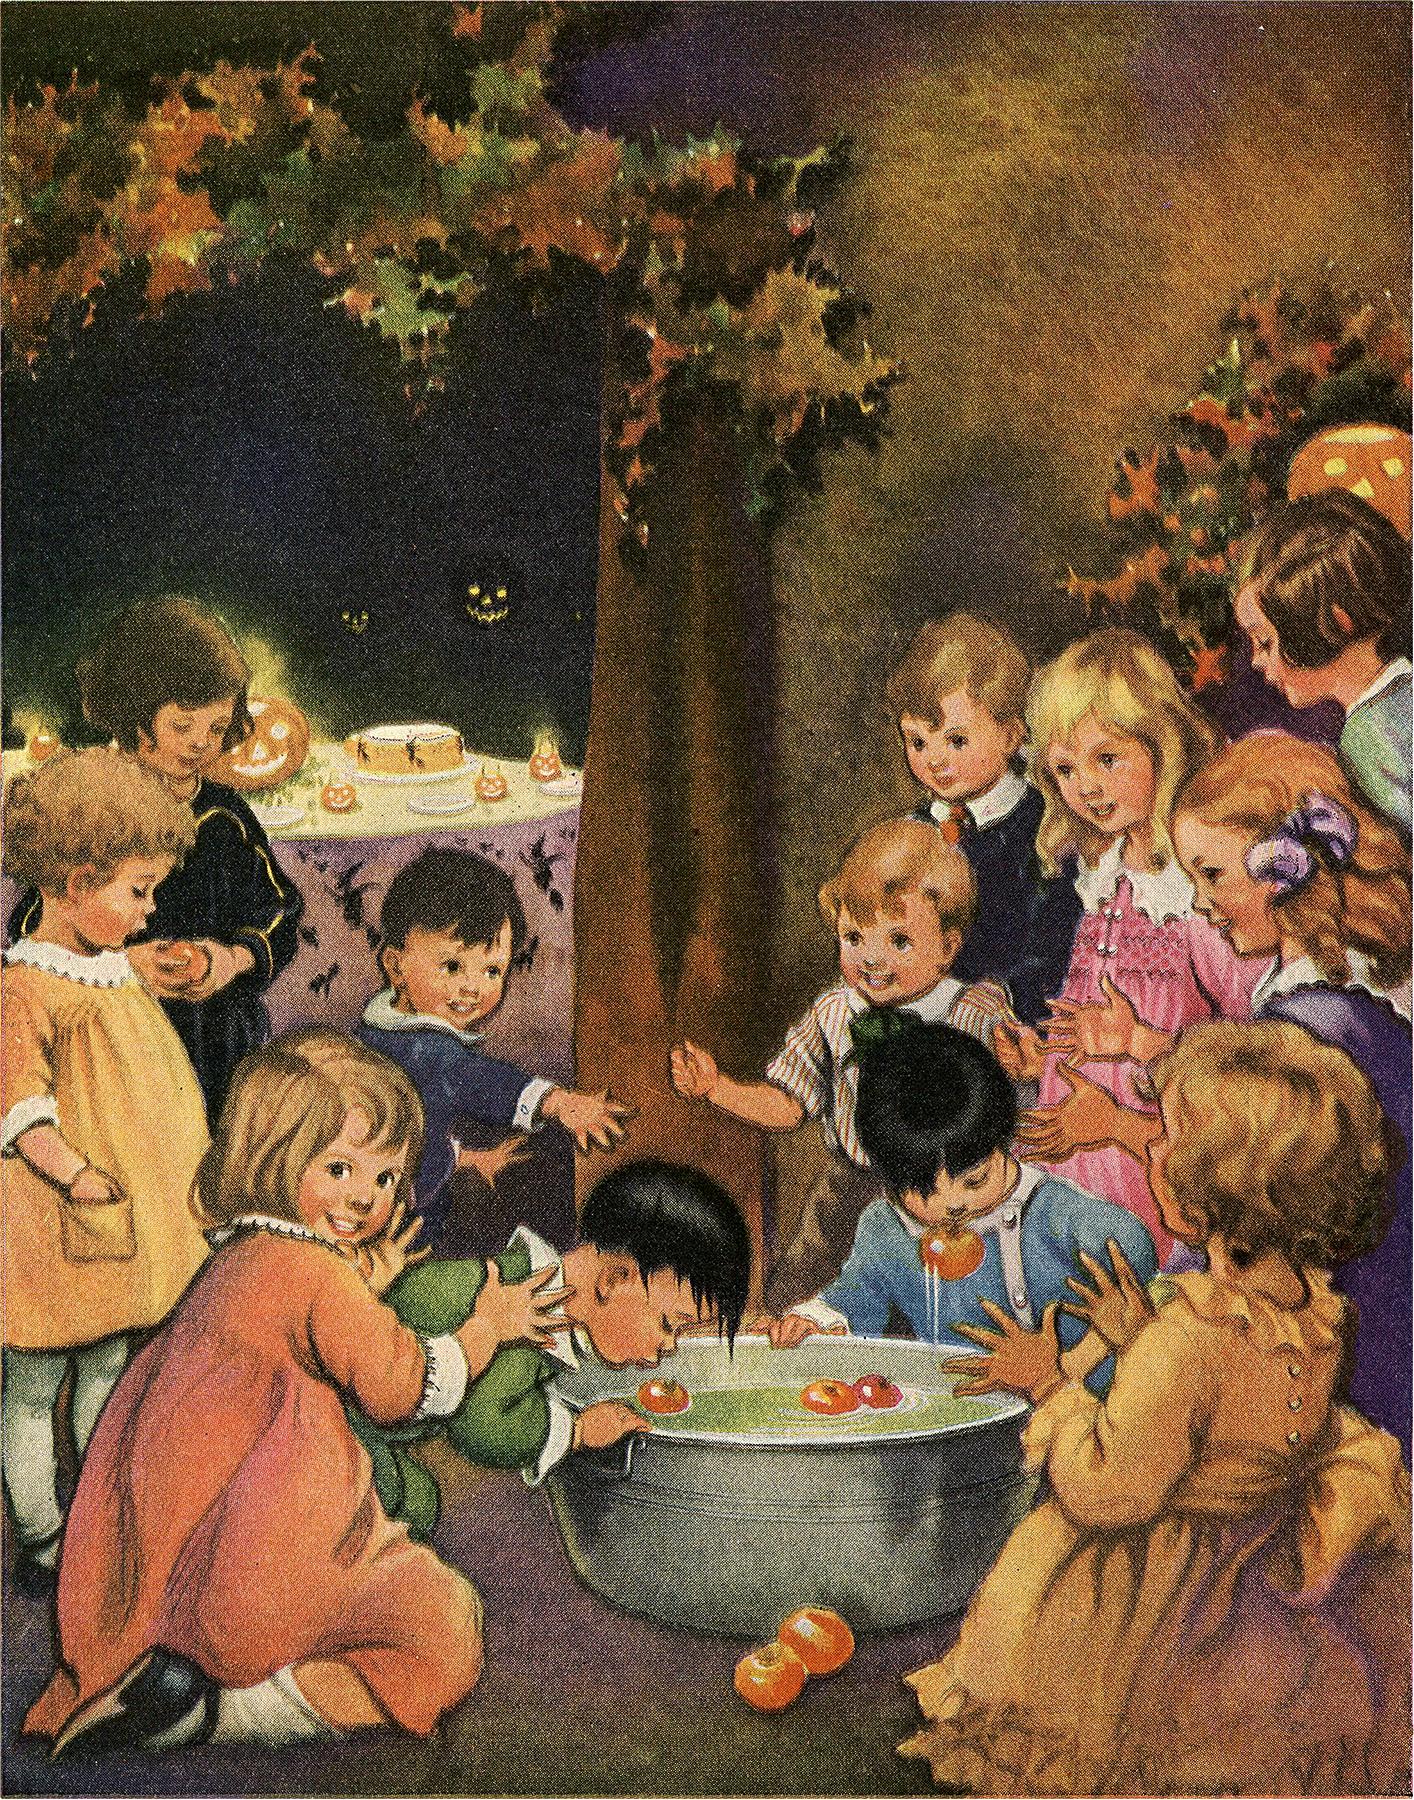 Image of Children Bobbing for Apples on Halloween